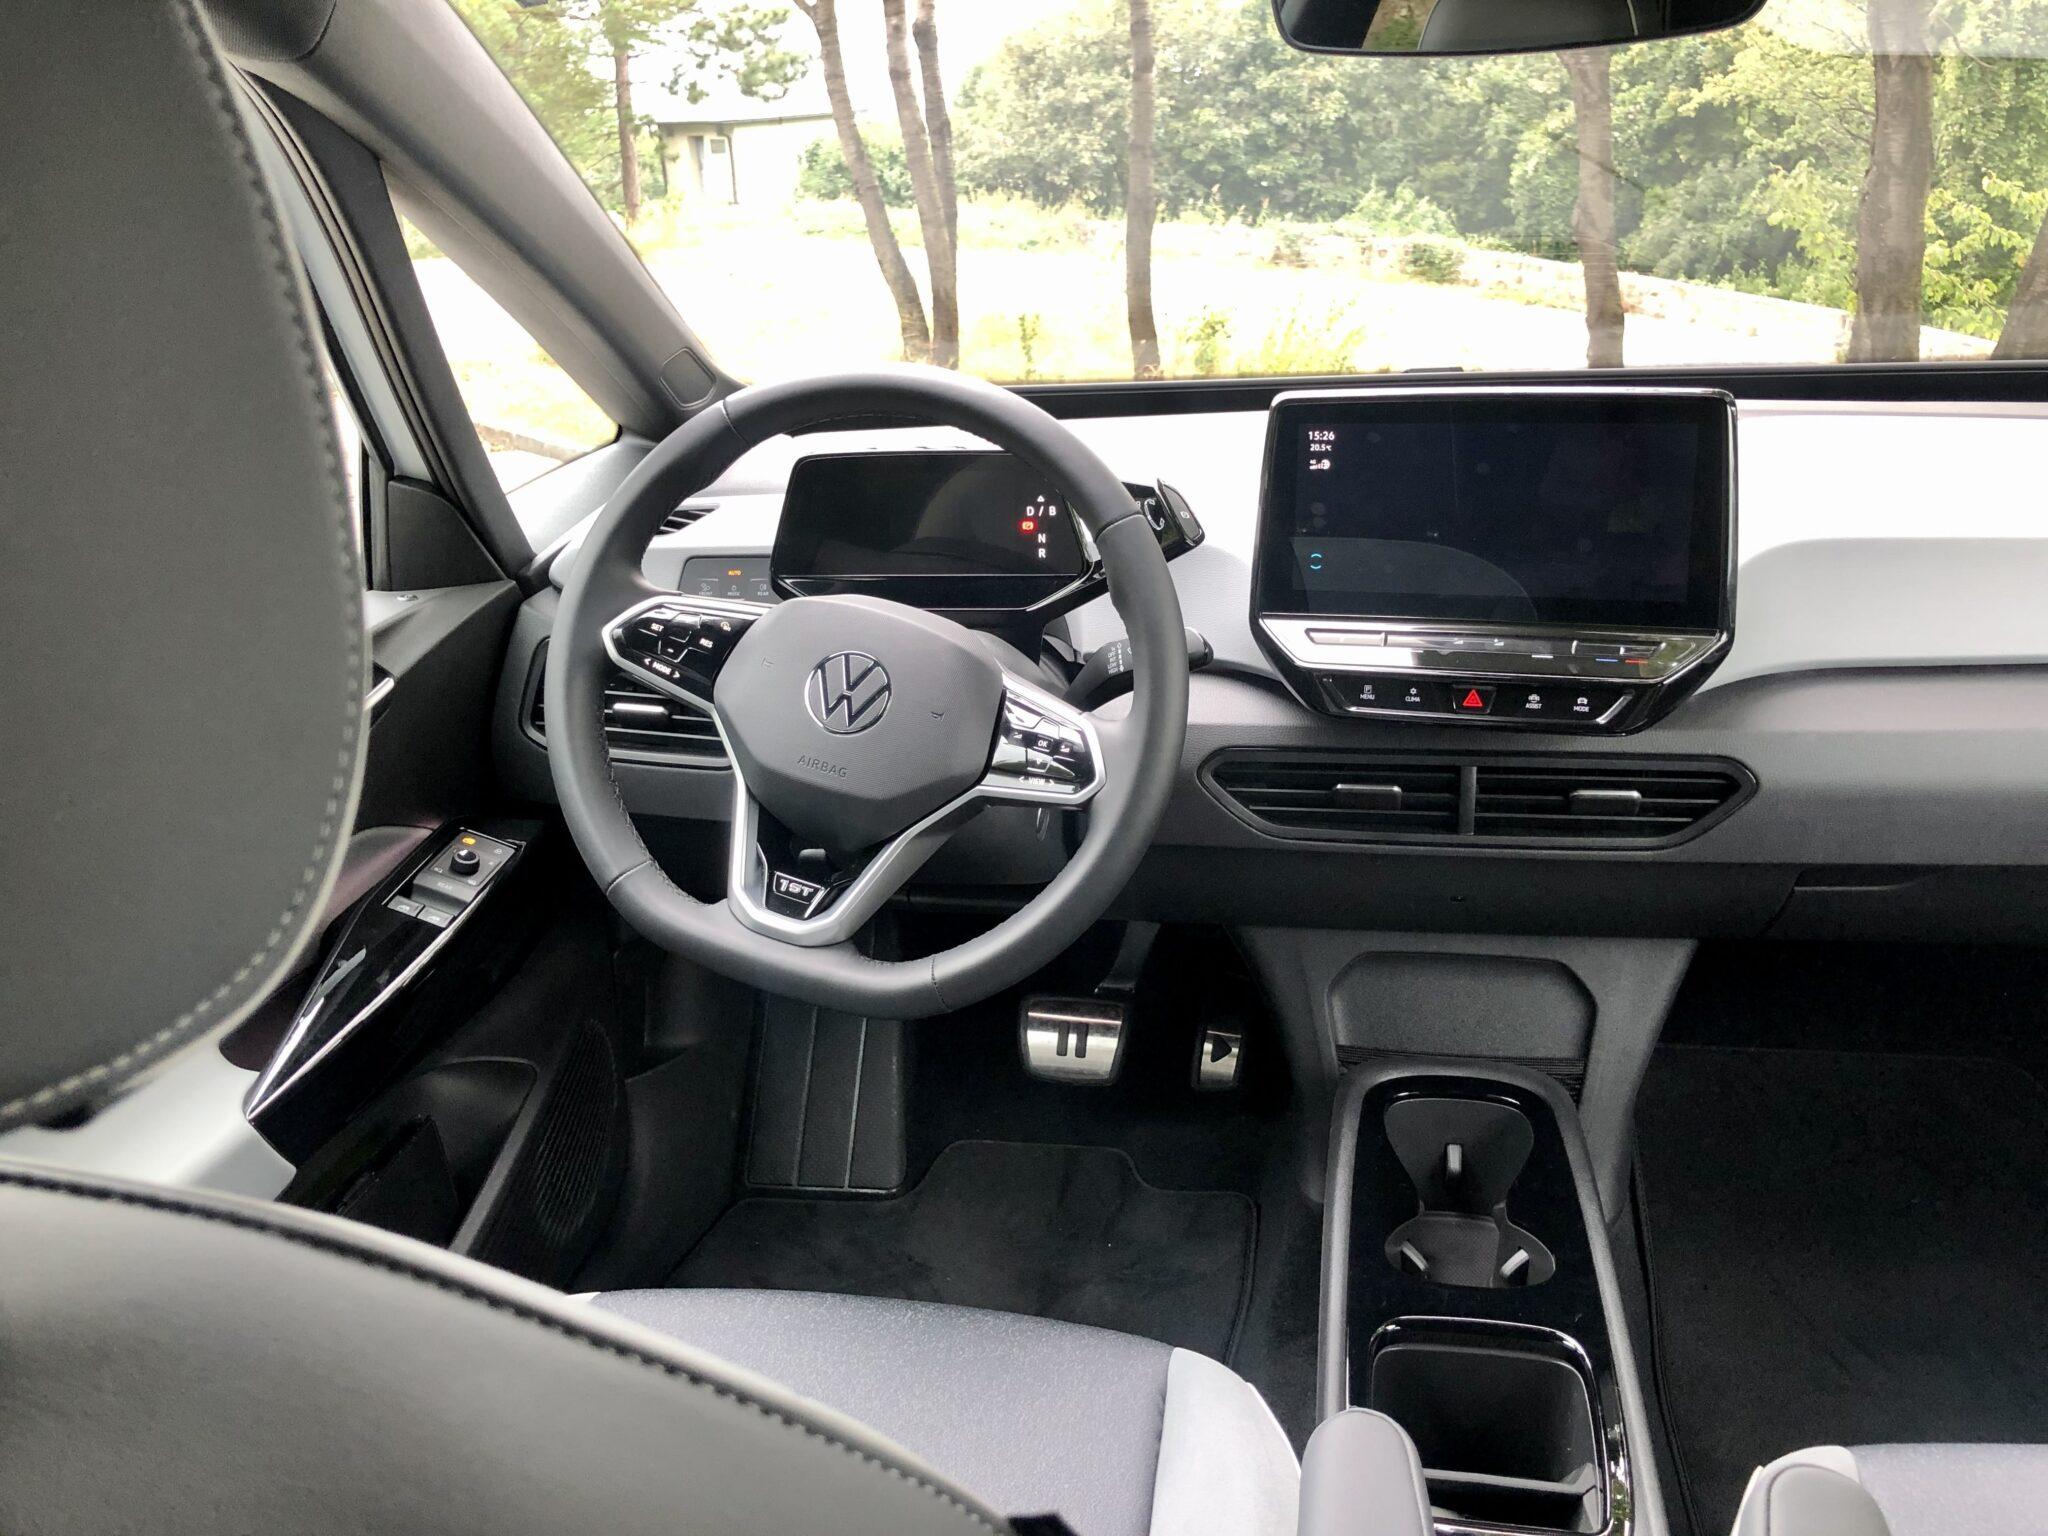 EMC Probefahrt des VW ID.3 | EMC VW ID.3 Probefahrt 10 min scaled